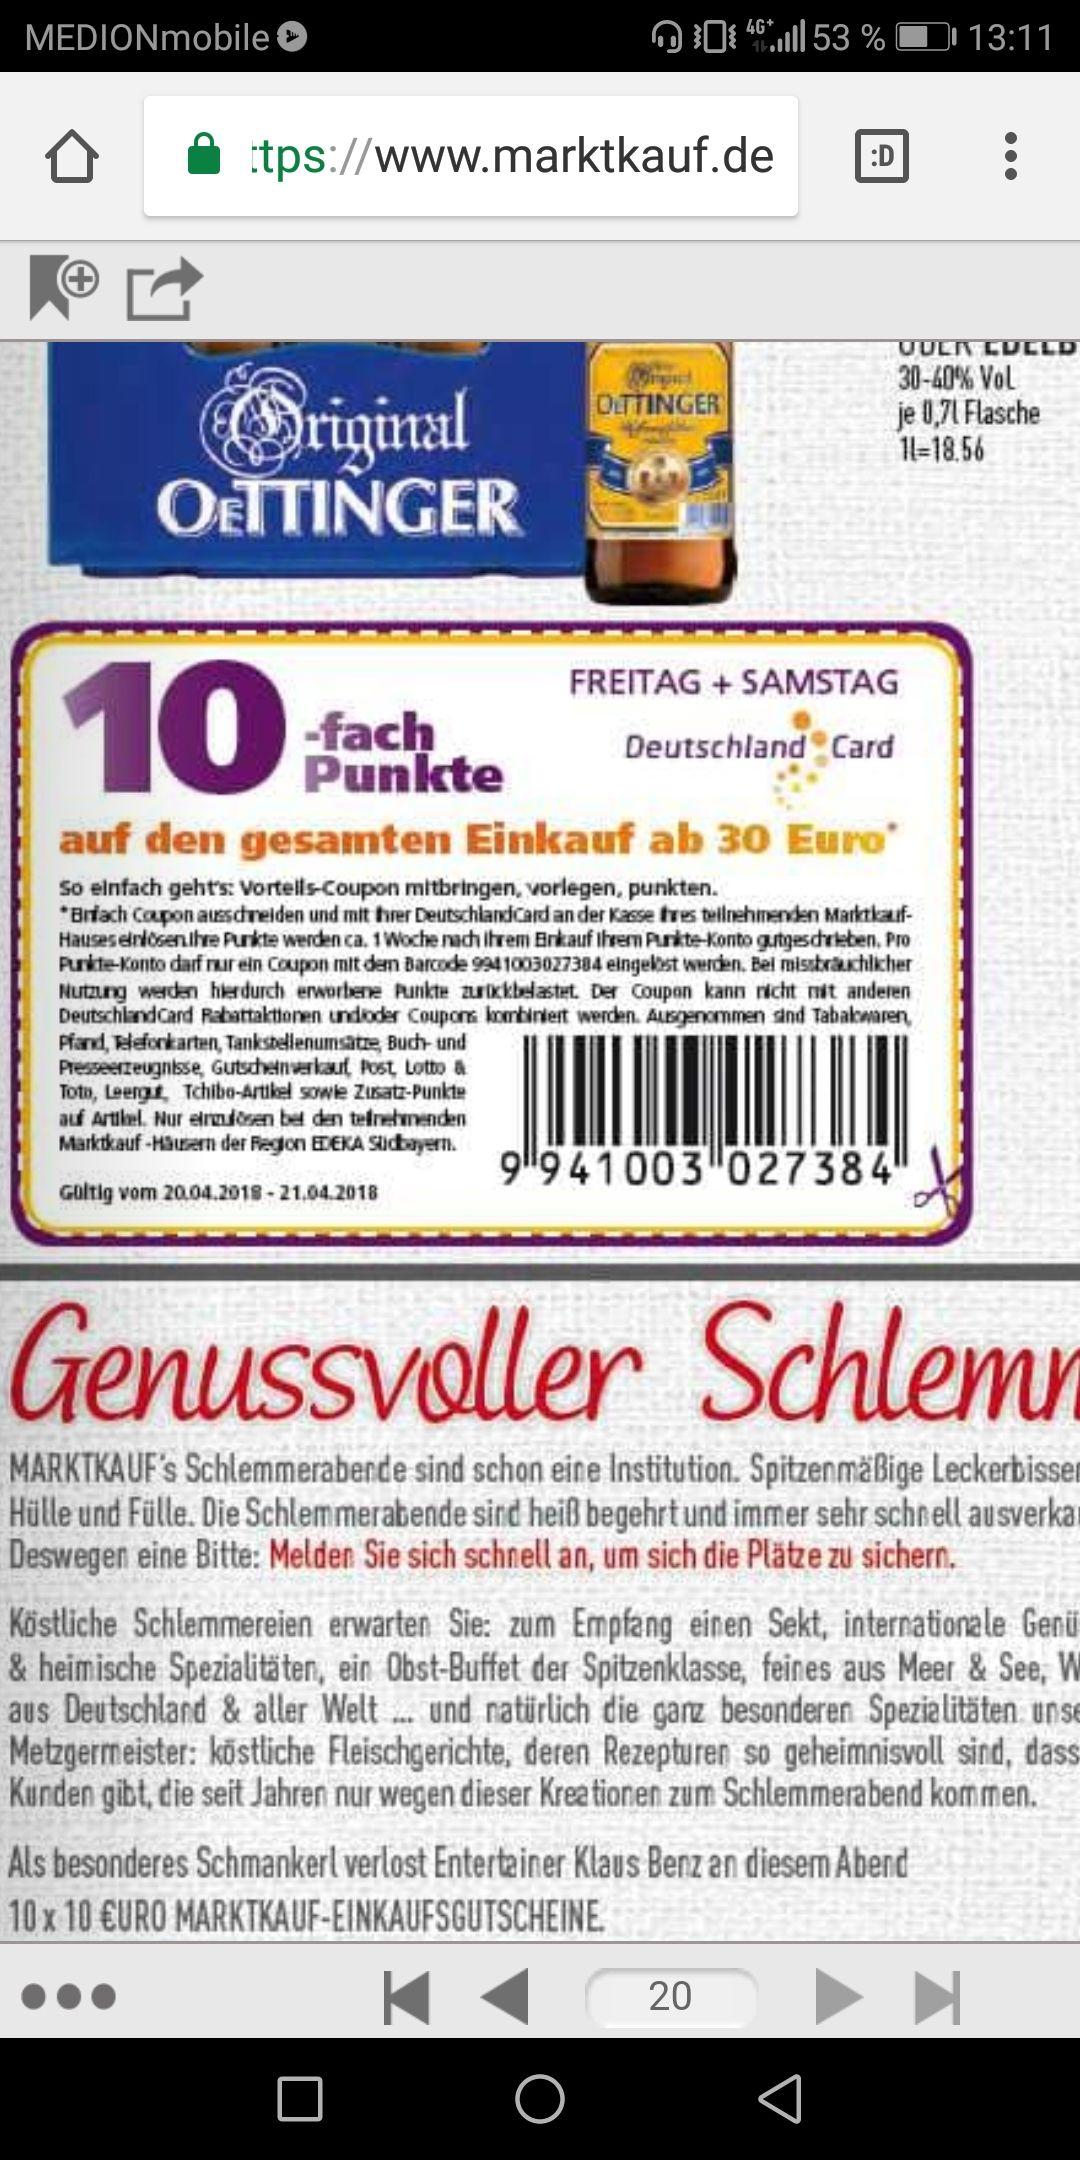 [LOKAL EDEKA/MARKTKAUF SÜDBAYERN] 10fach Punkte Deutschlandcard!